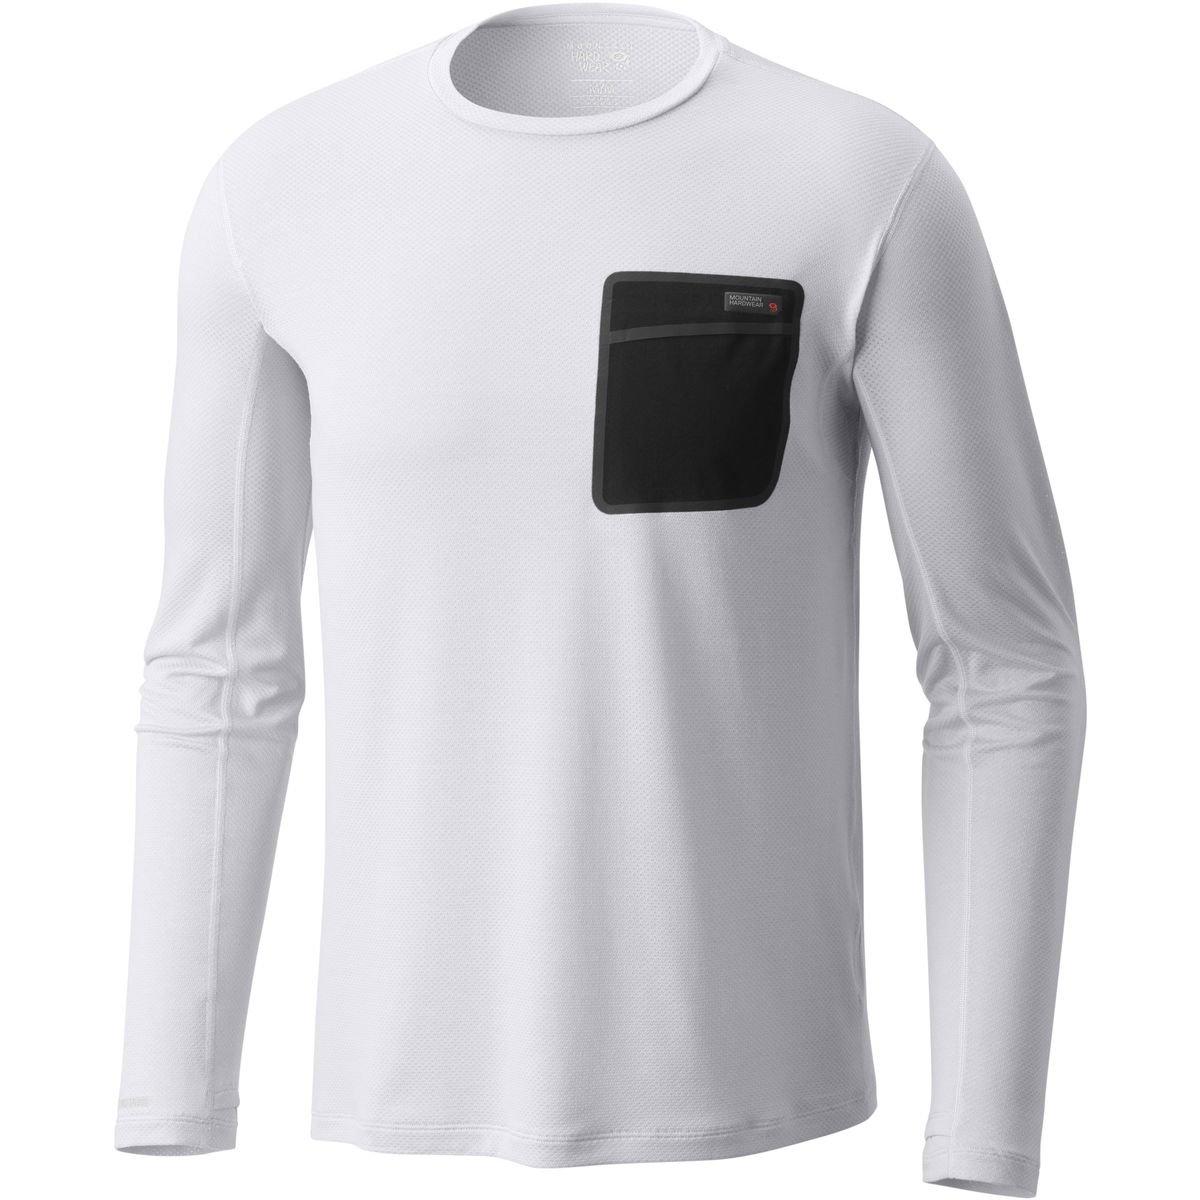 マウンテンハードウェアMetonic長袖シャツ – メンズ B079TGWMBX X-Large|Fogbank Fogbank X-Large